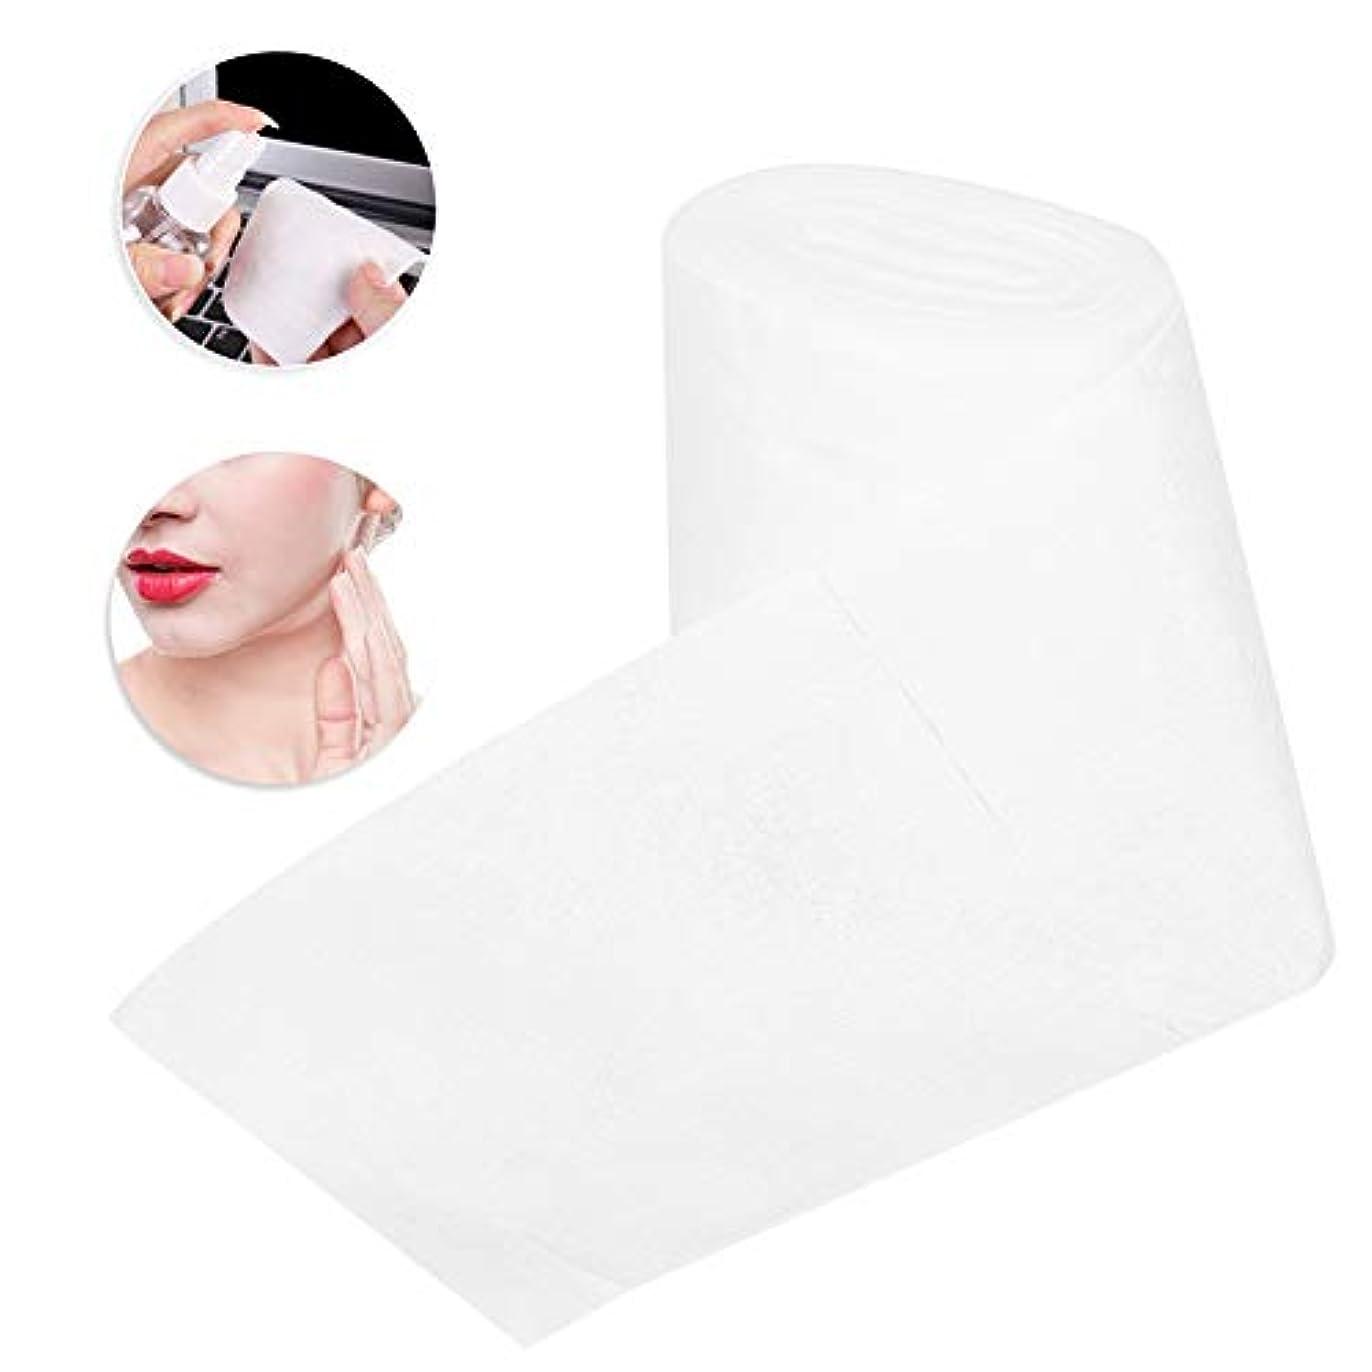 カジュアルロマンス適用済み不織布 使い捨てタオル メイクアップはクレンジングフェイシャルメイクアップ除去のための綿パッドを拭きます、しっとりと乾燥することができます